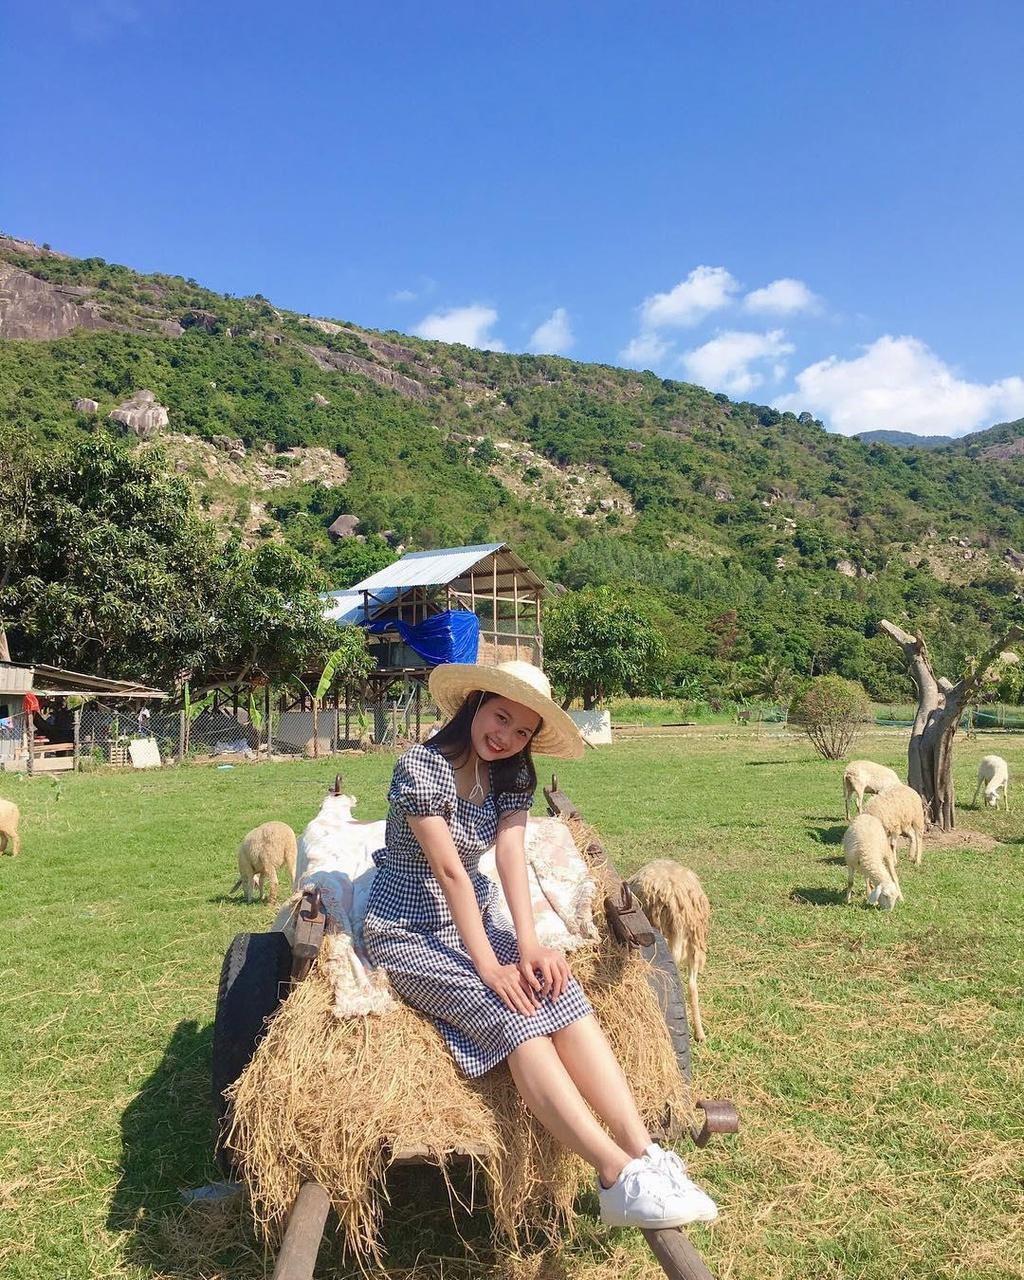 Lạc vào miền quê châu Âu tại 4 đồng cừu Việt Nam Ảnh 6